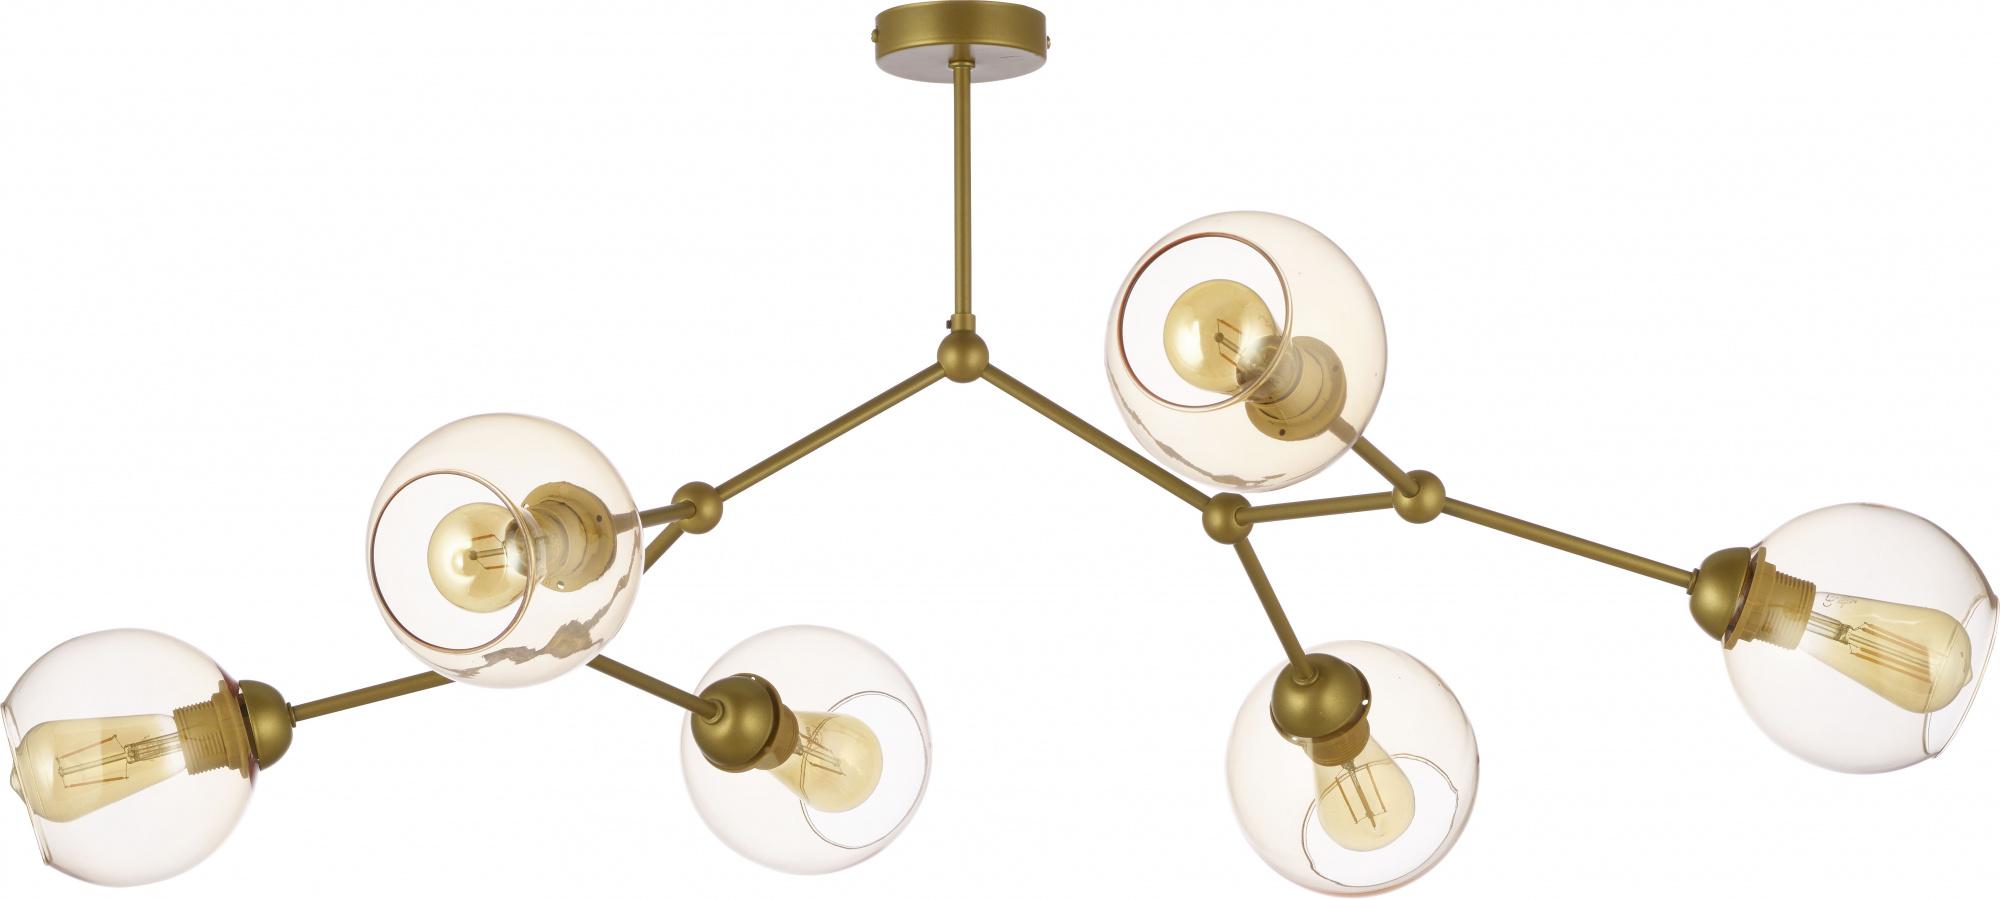 TK Lighting TK-2755 Fairy mennyezeti lámpa